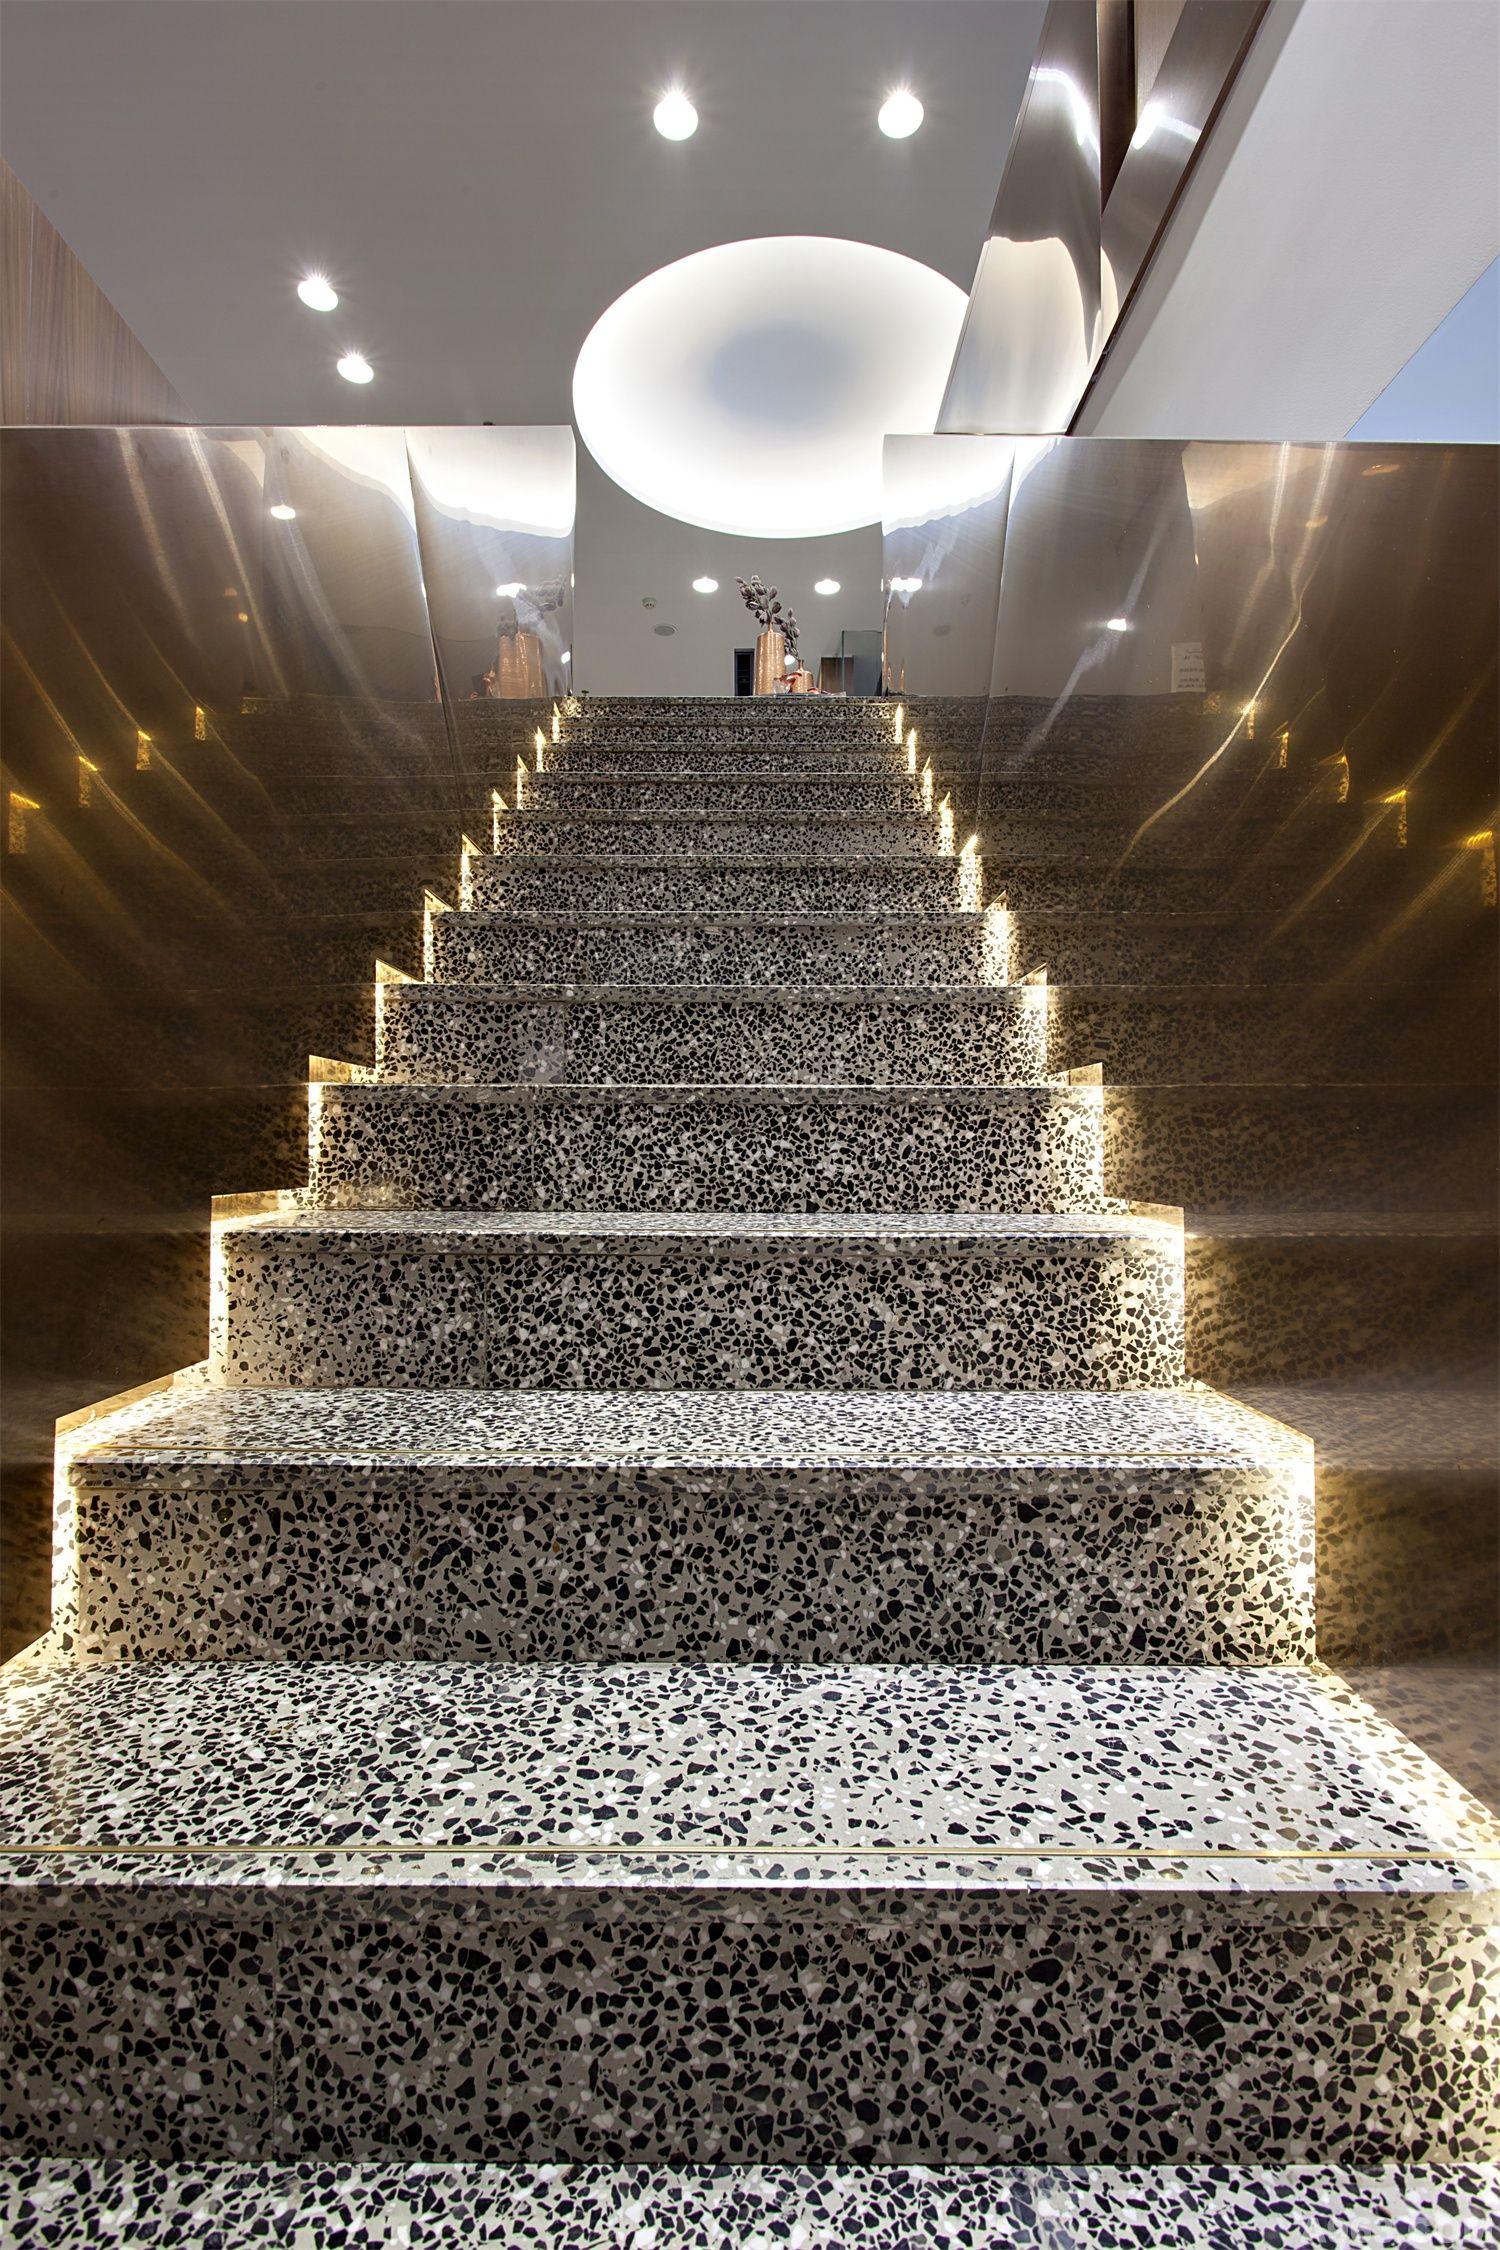 上海泓空间设计公司办公室 - 办公空间 - 第4页 - 光